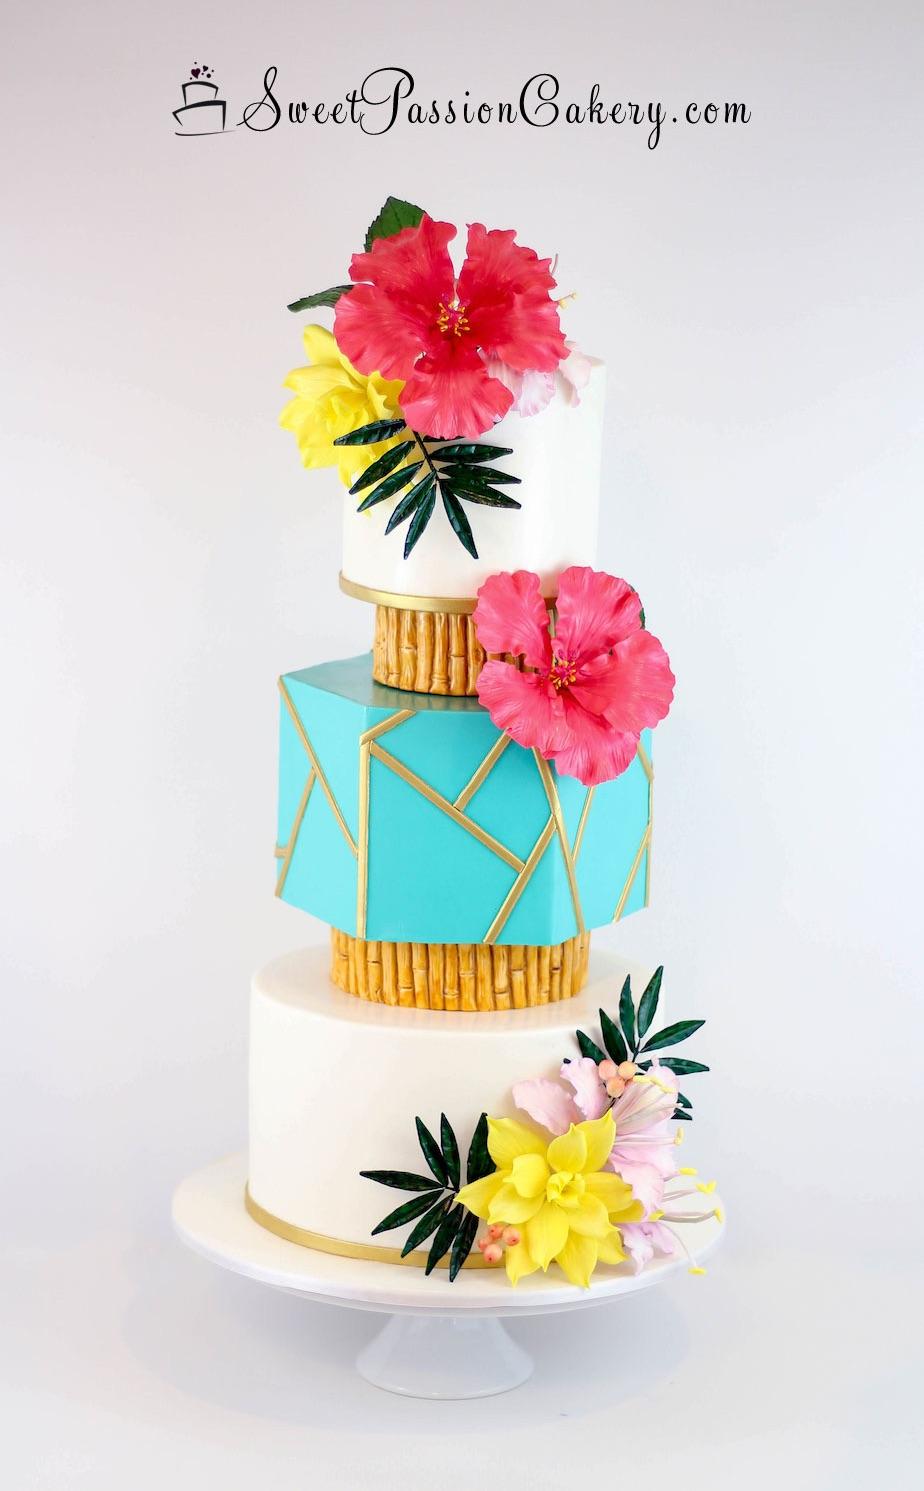 Surprising Luau Hawaiian Wedding Cake Sweet Passion Cakery Birthday Cards Printable Trancafe Filternl